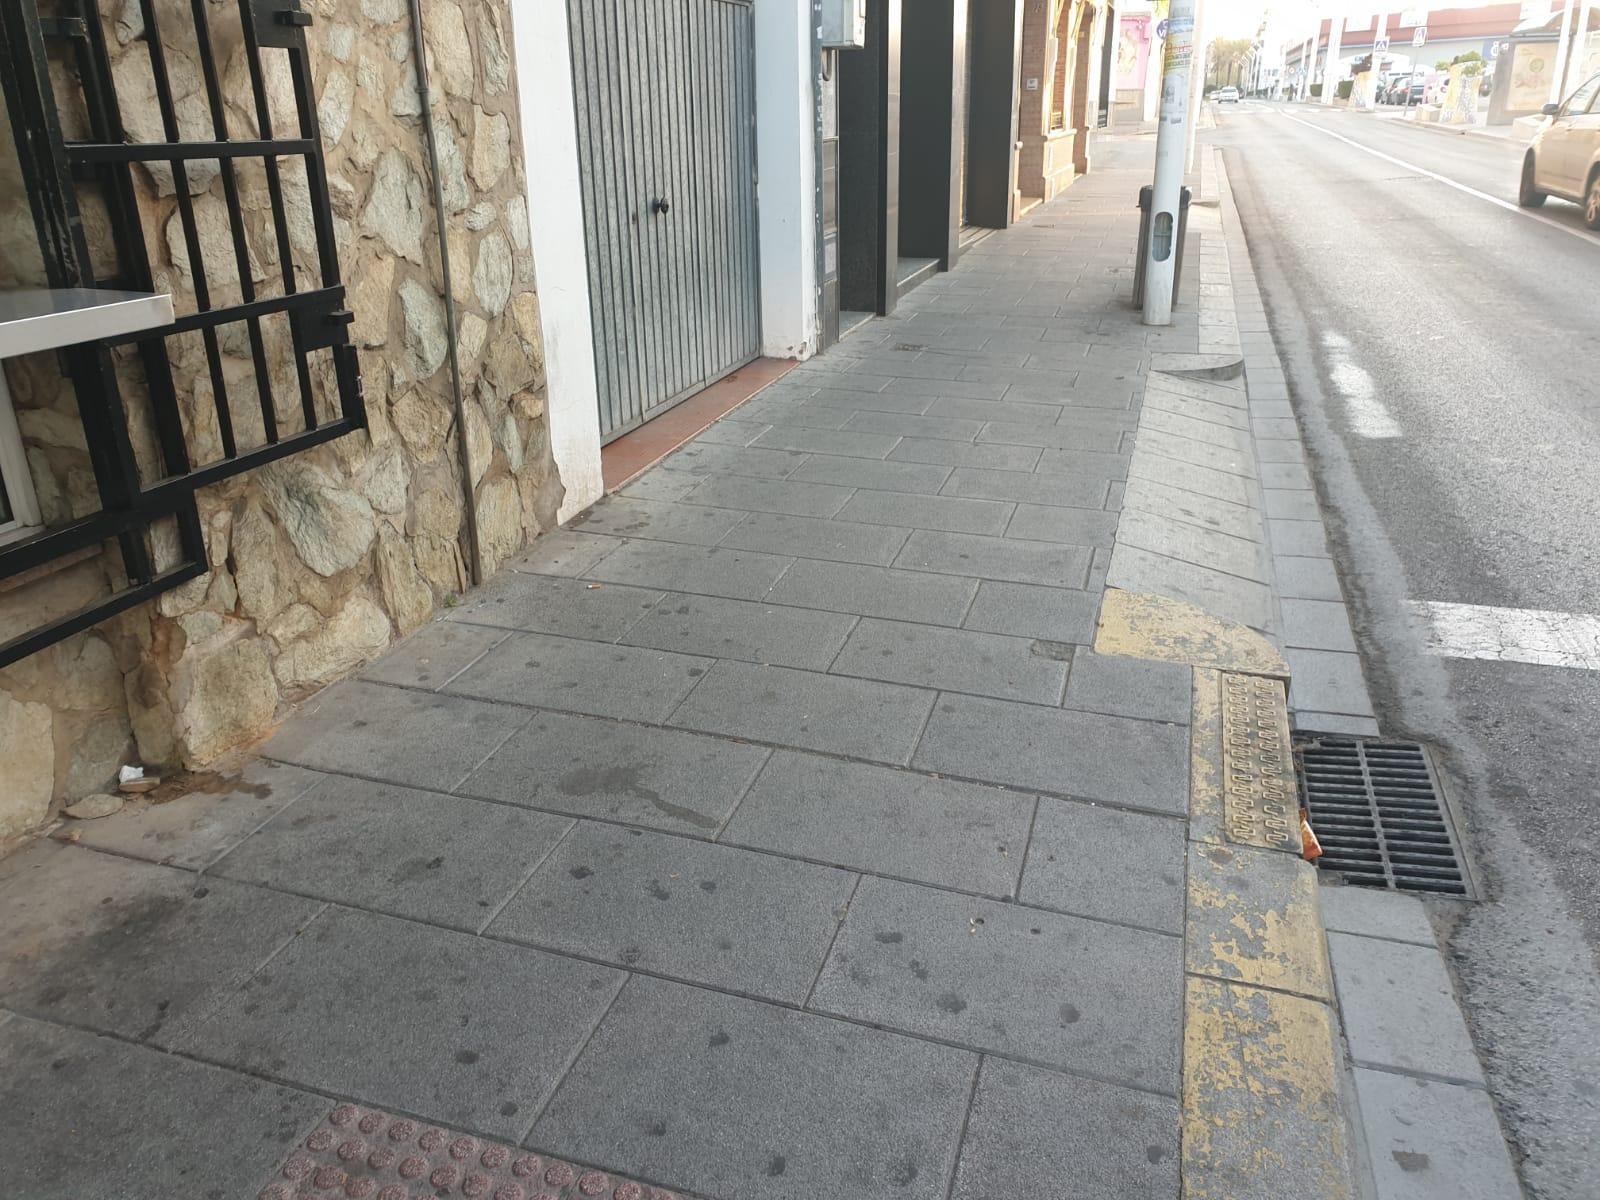 Recuperación de pavimentos en Alcalá de Guadaira